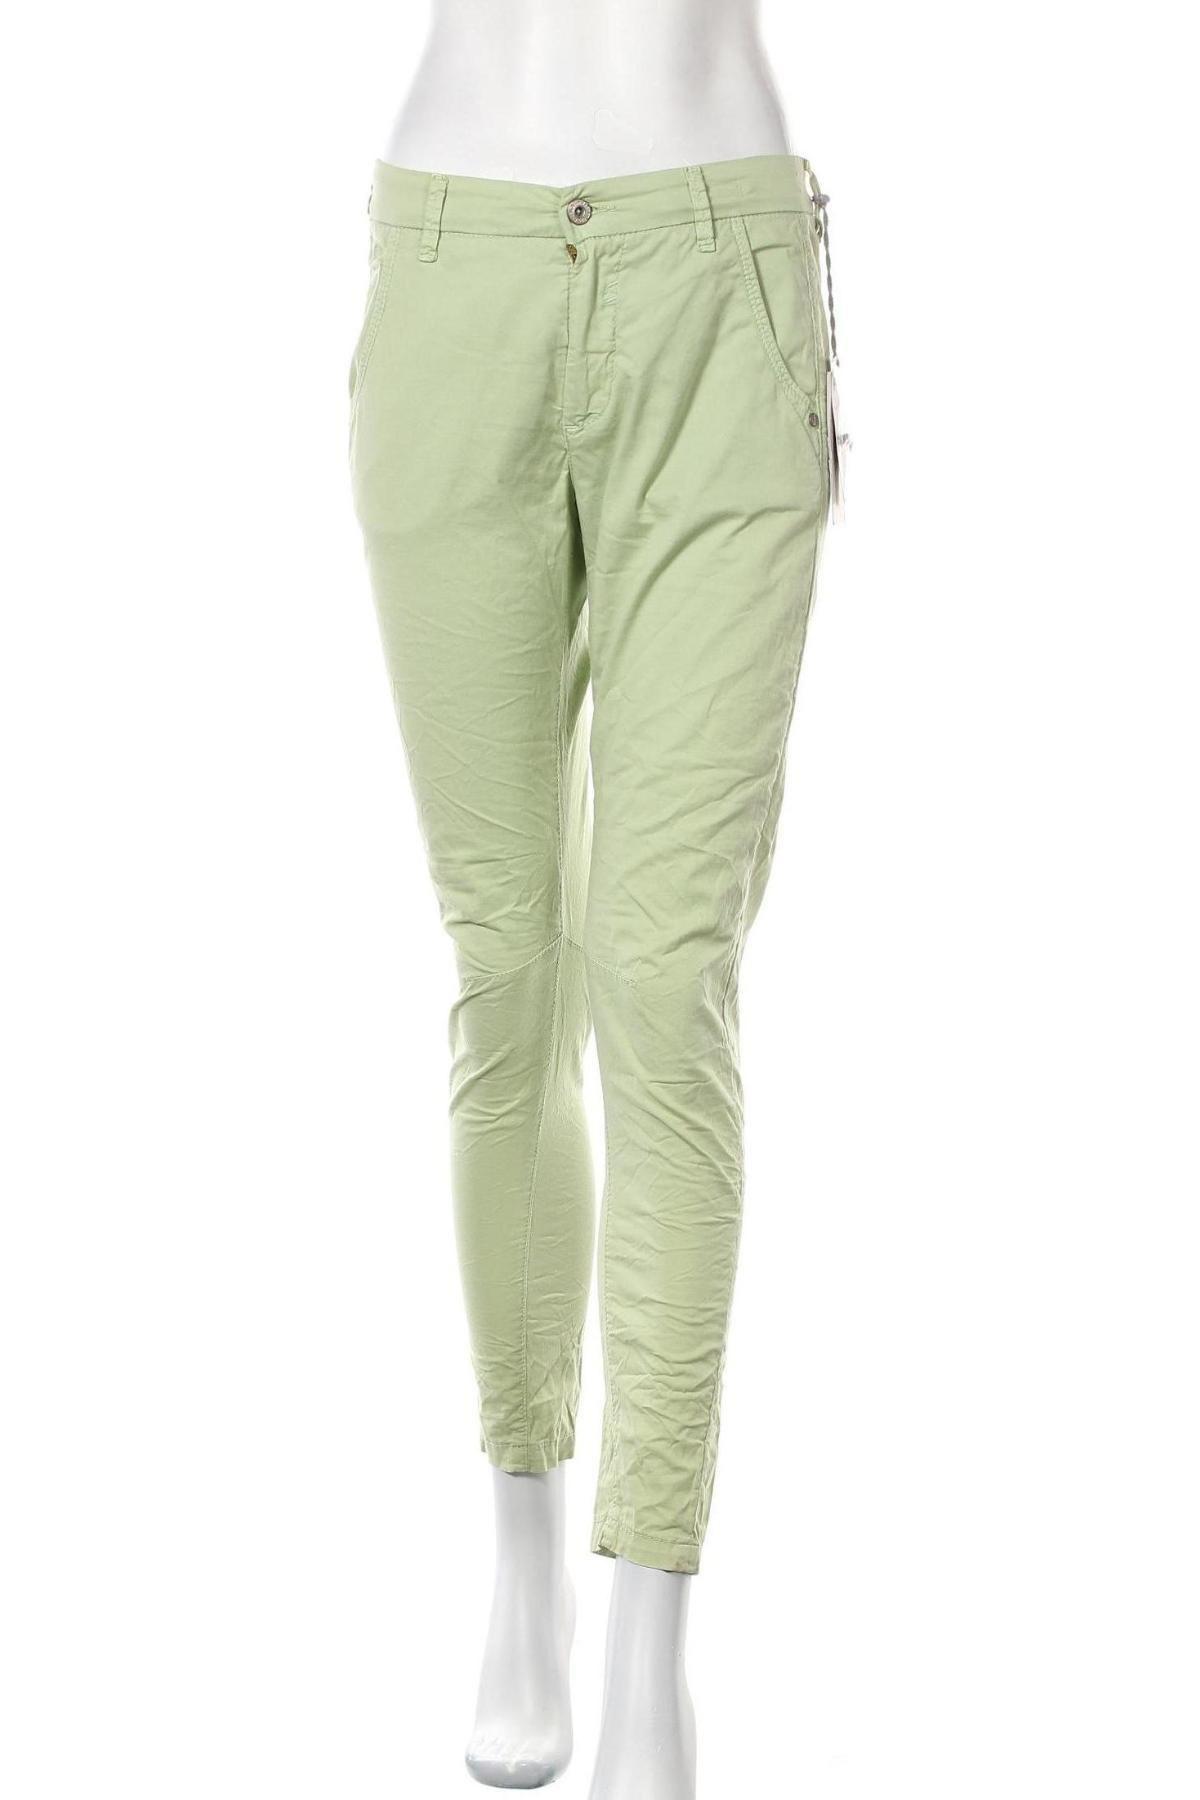 Дамски панталон Gang, Размер S, Цвят Зелен, 97% памук, 3% еластан, Цена 23,85лв.